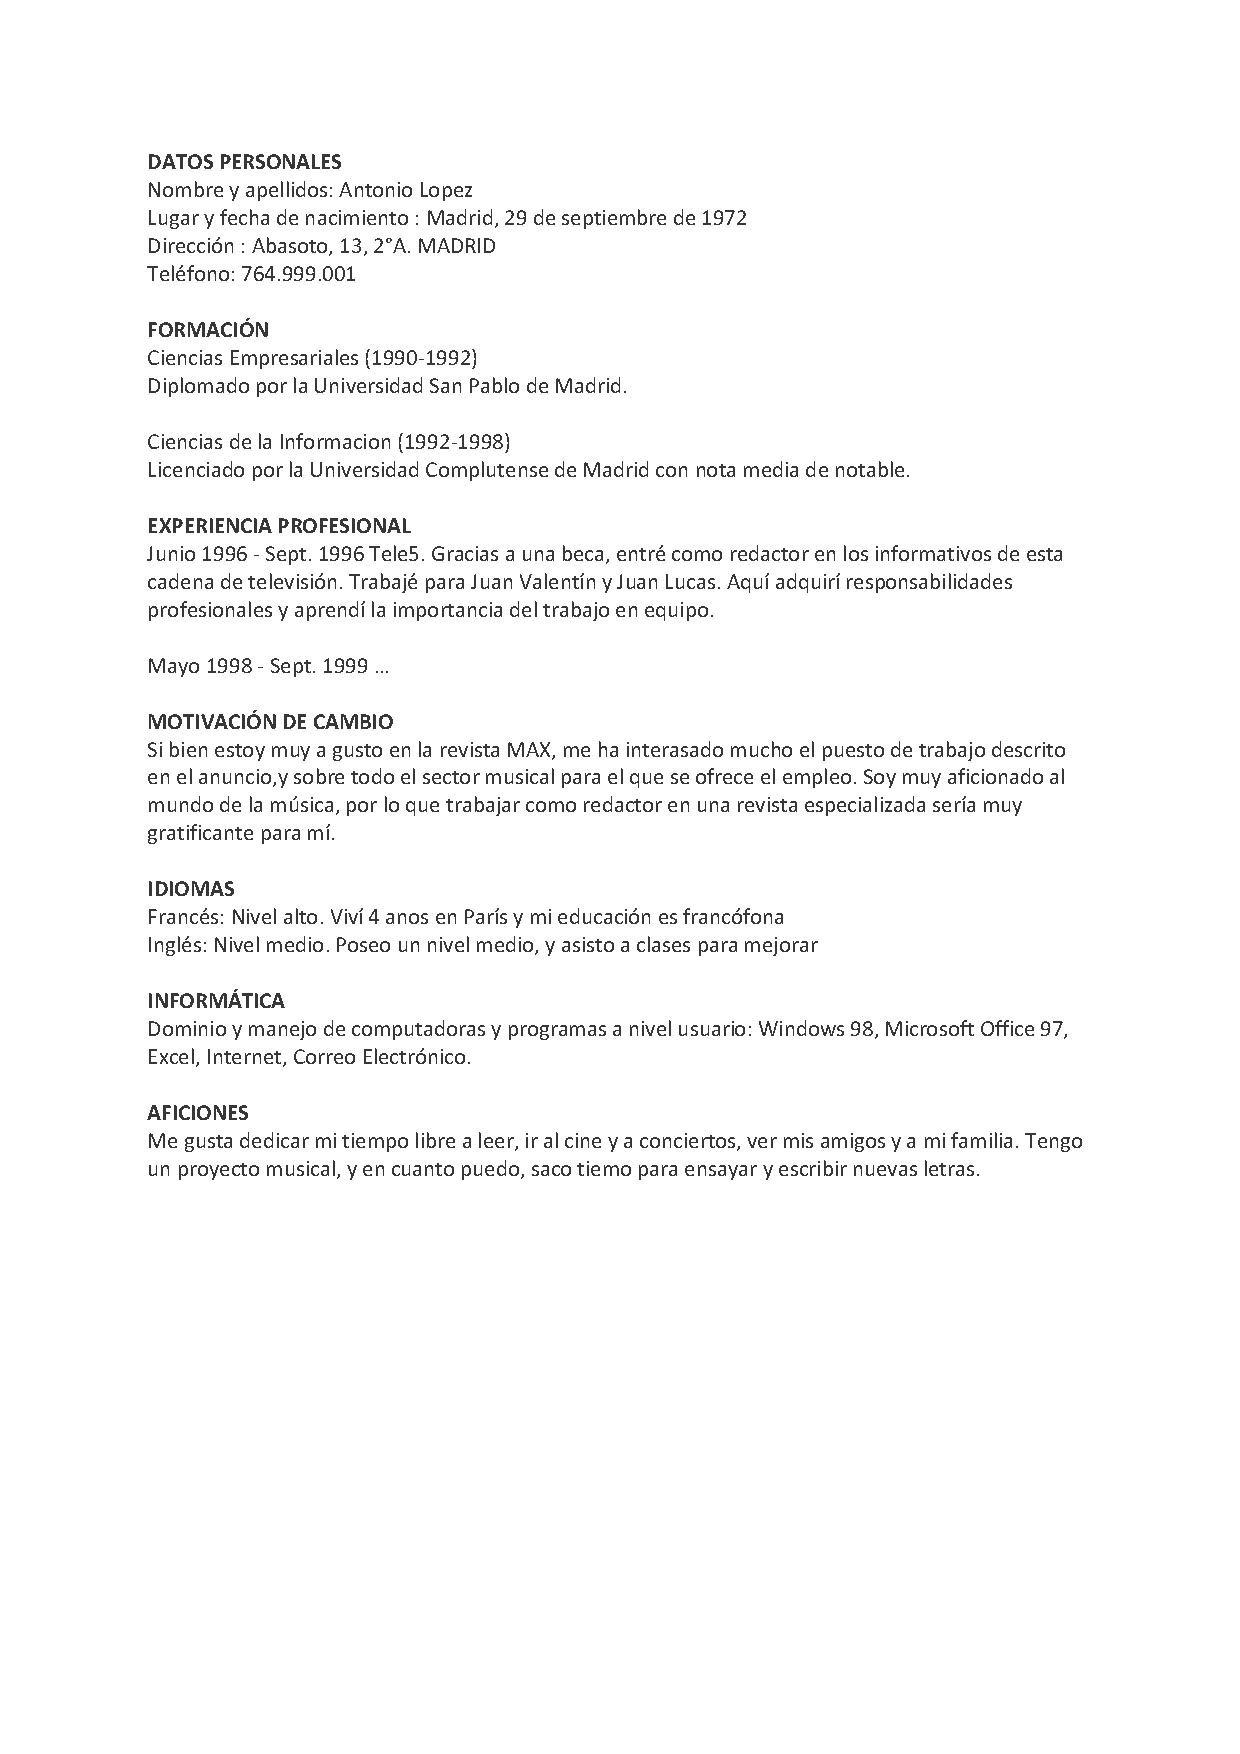 Bewerbung Spanisch Anschreiben Muster Lebenslauf 7